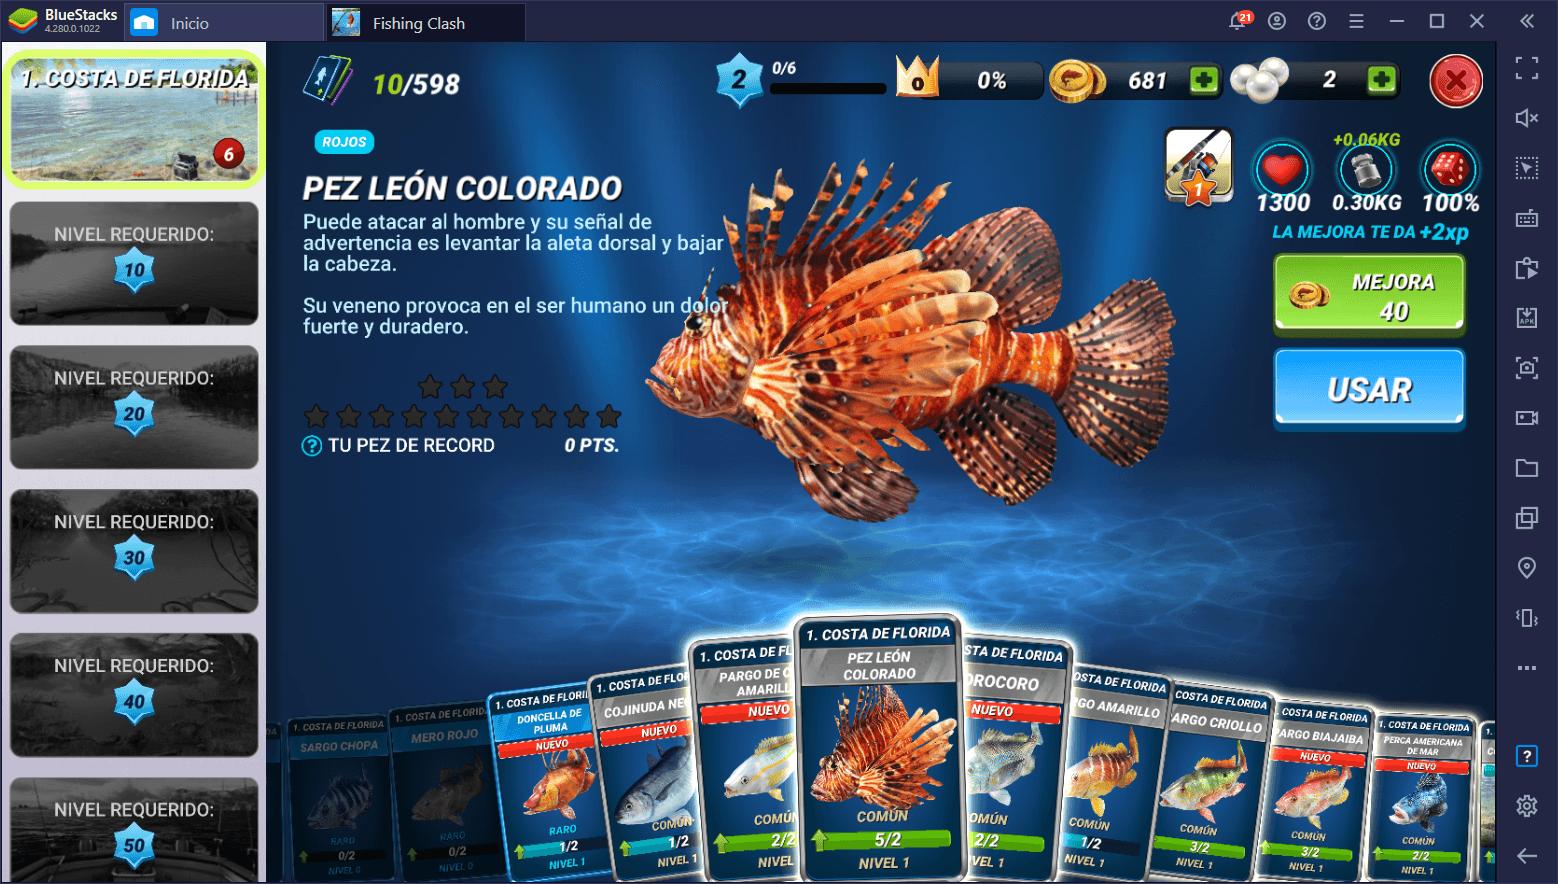 Guía de Cañas Para Fishing Clash – Todo lo que Debes Saber Para Tener el Mejor Equipo